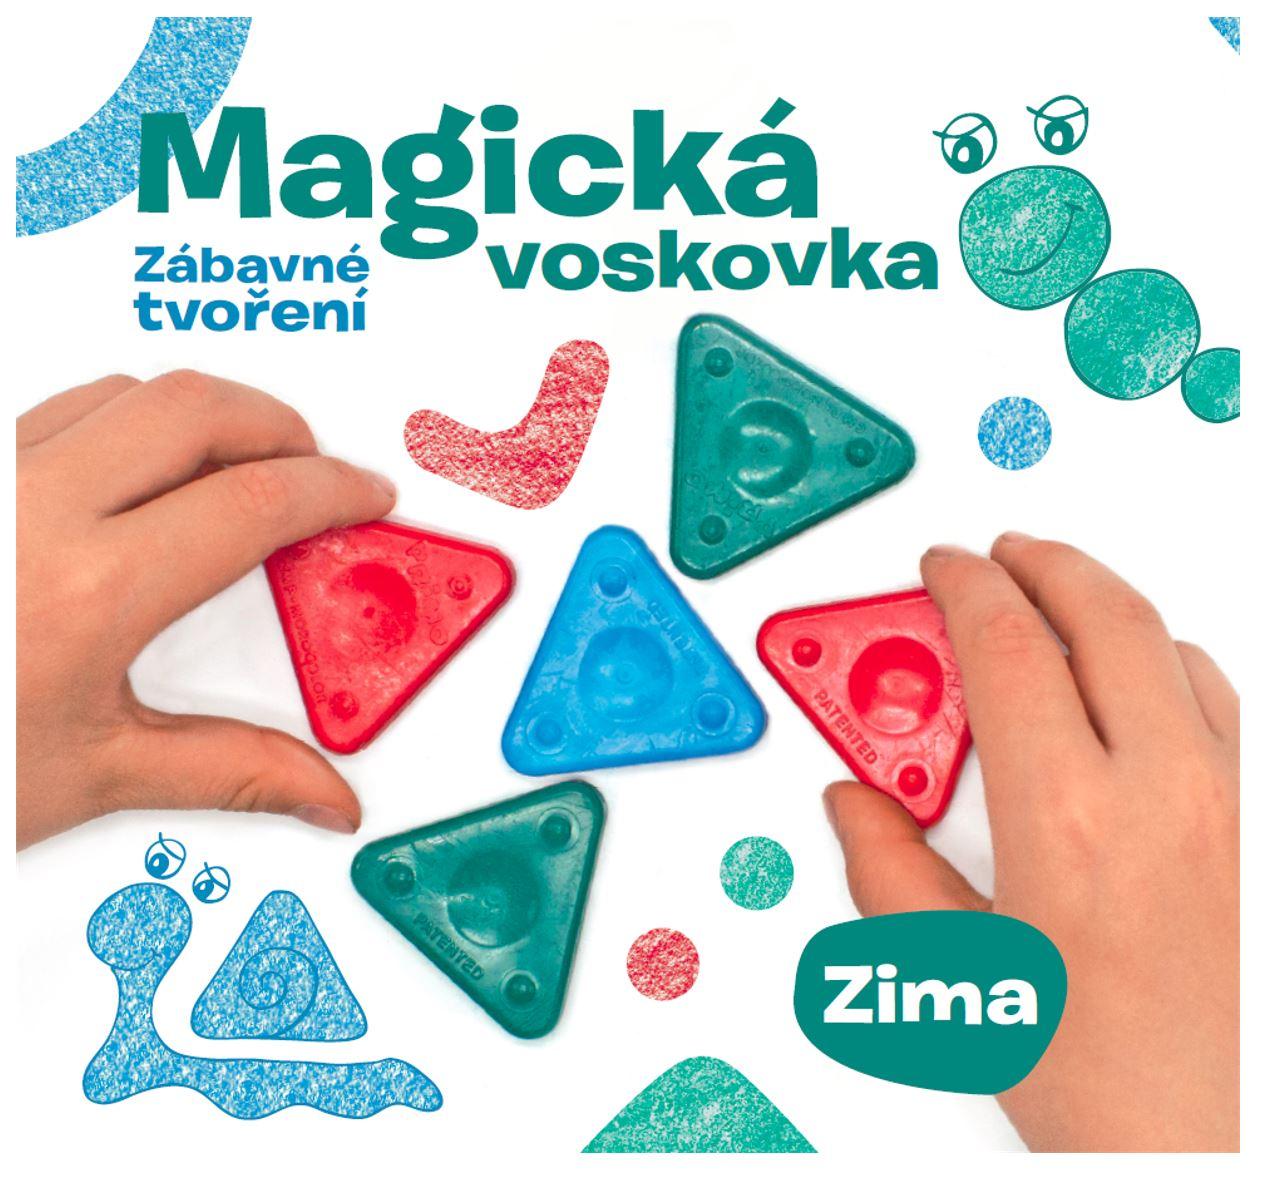 Kniha – Magická voskovka; Zábavné tvoření, díl 4. ZIMA